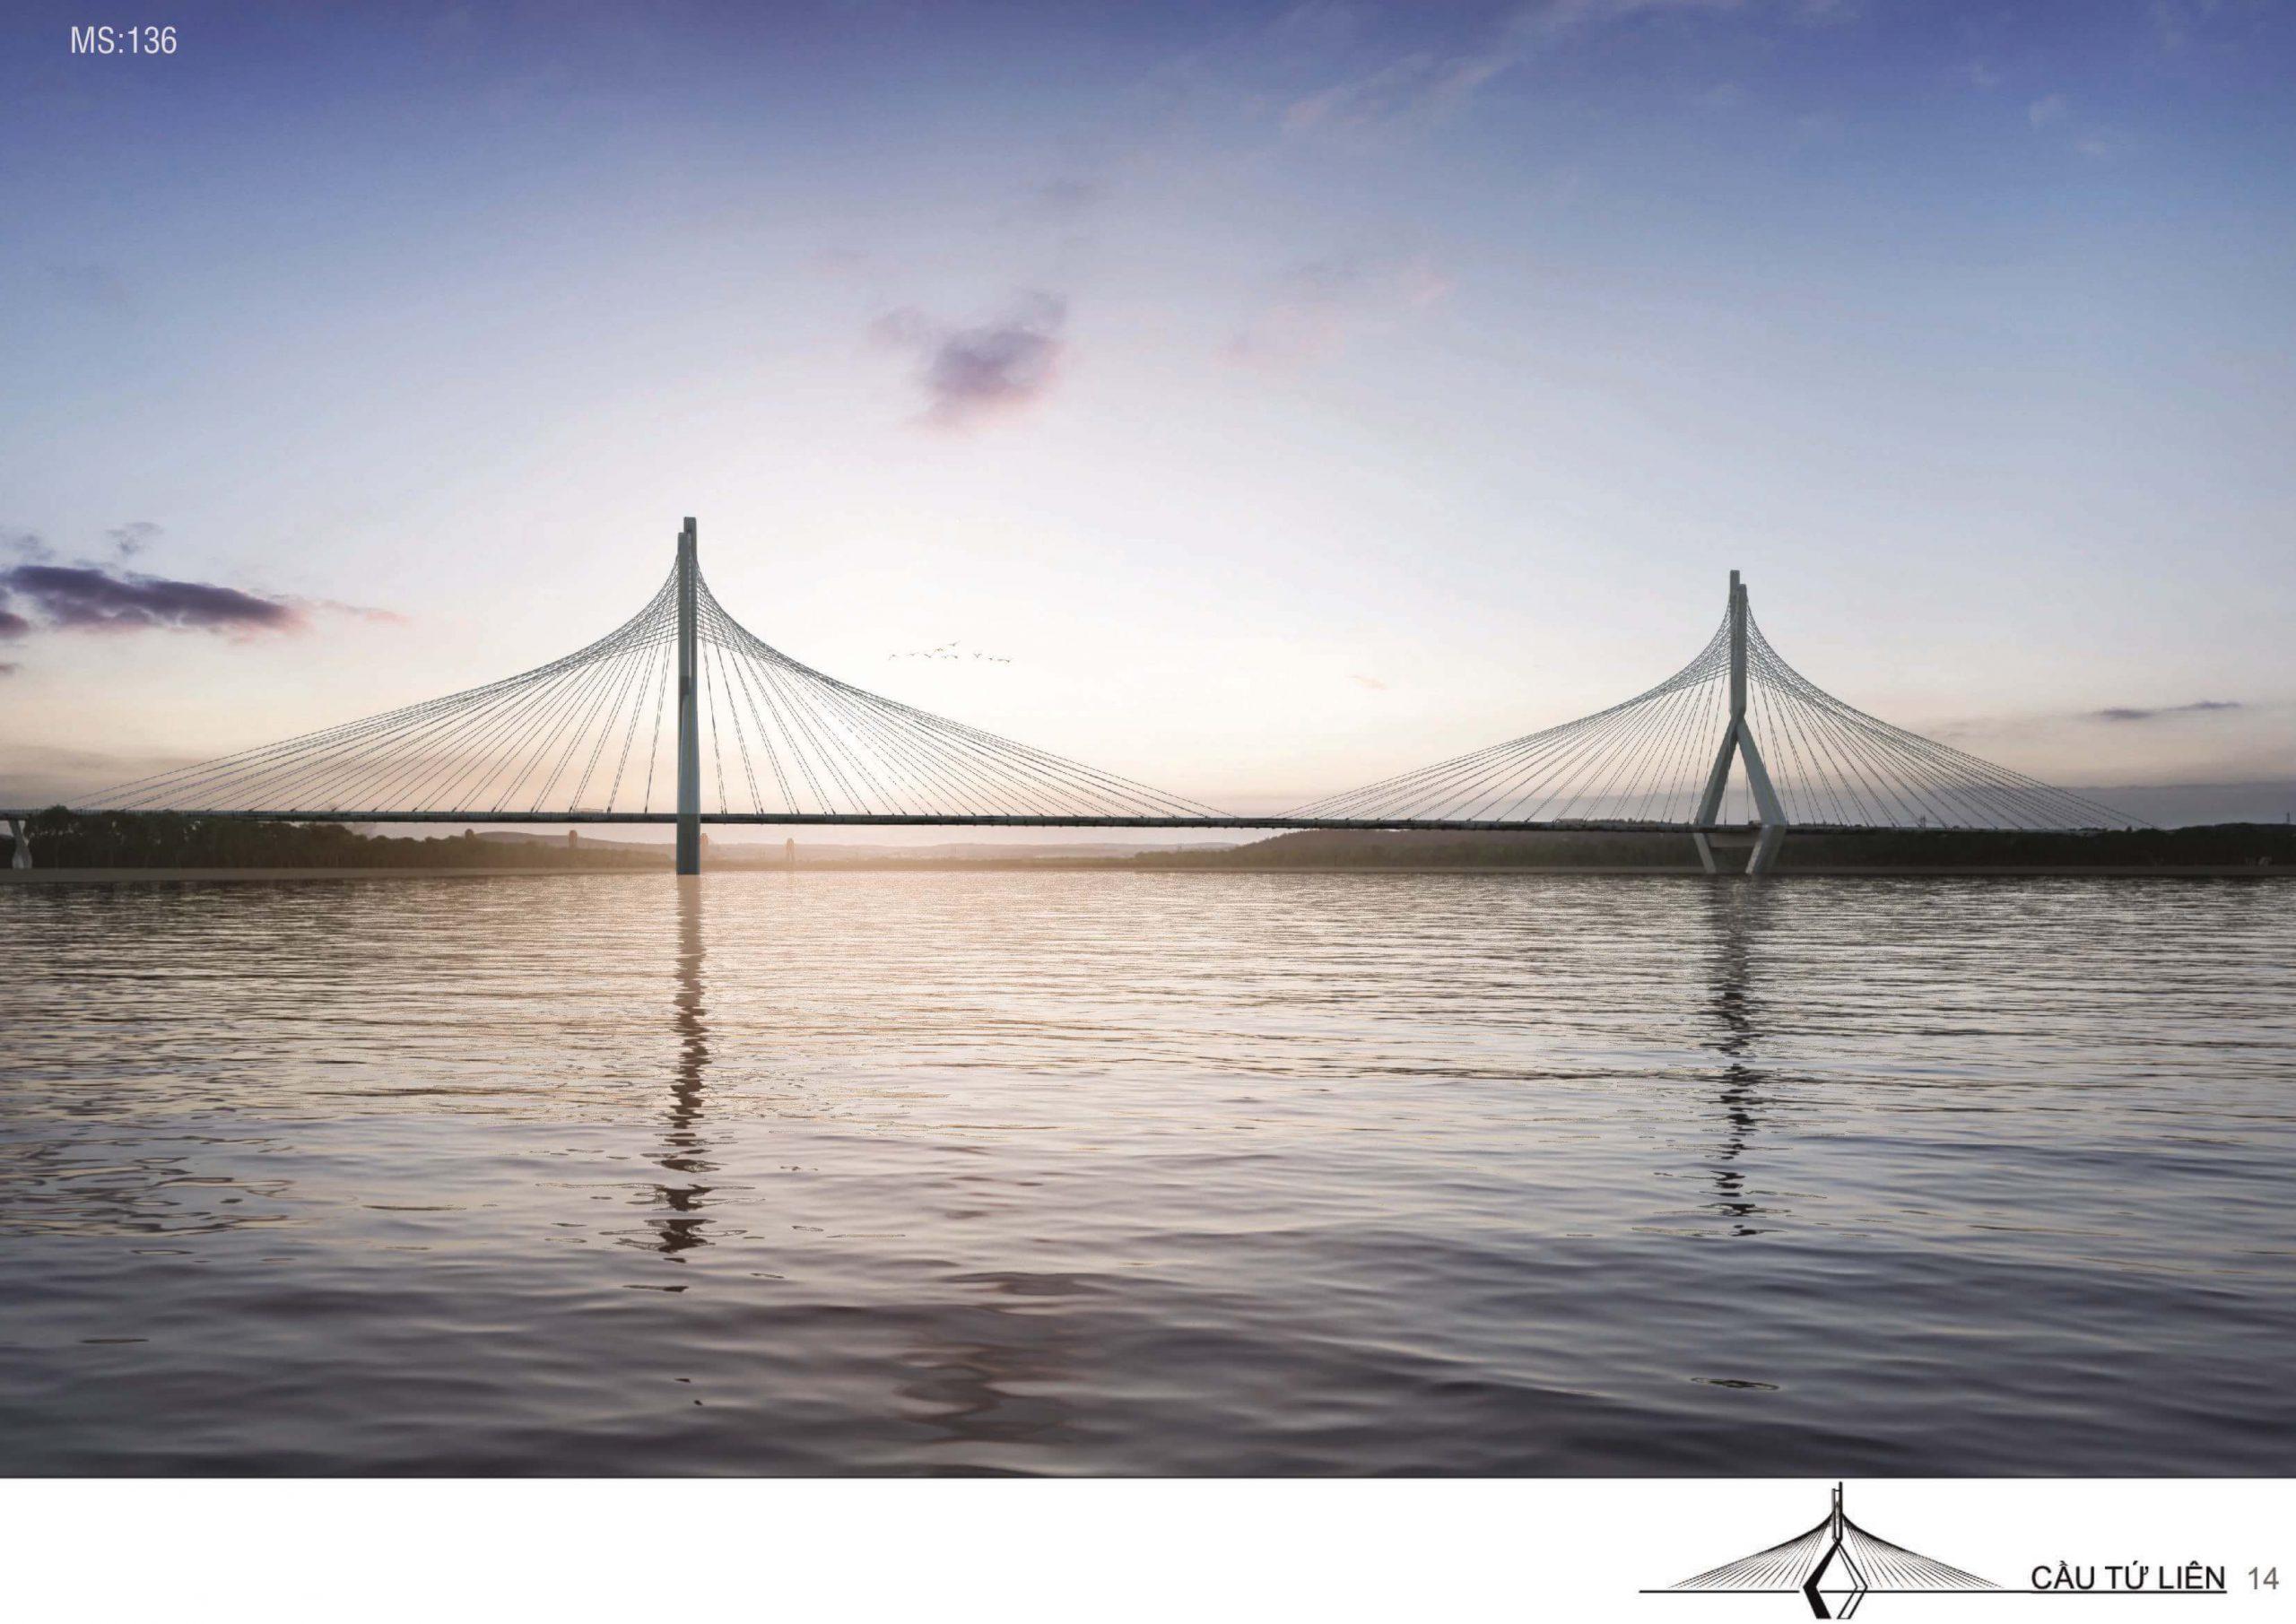 Cầu Tứ Liên tuyệt đẹp dưới ánh hoàng hôn.